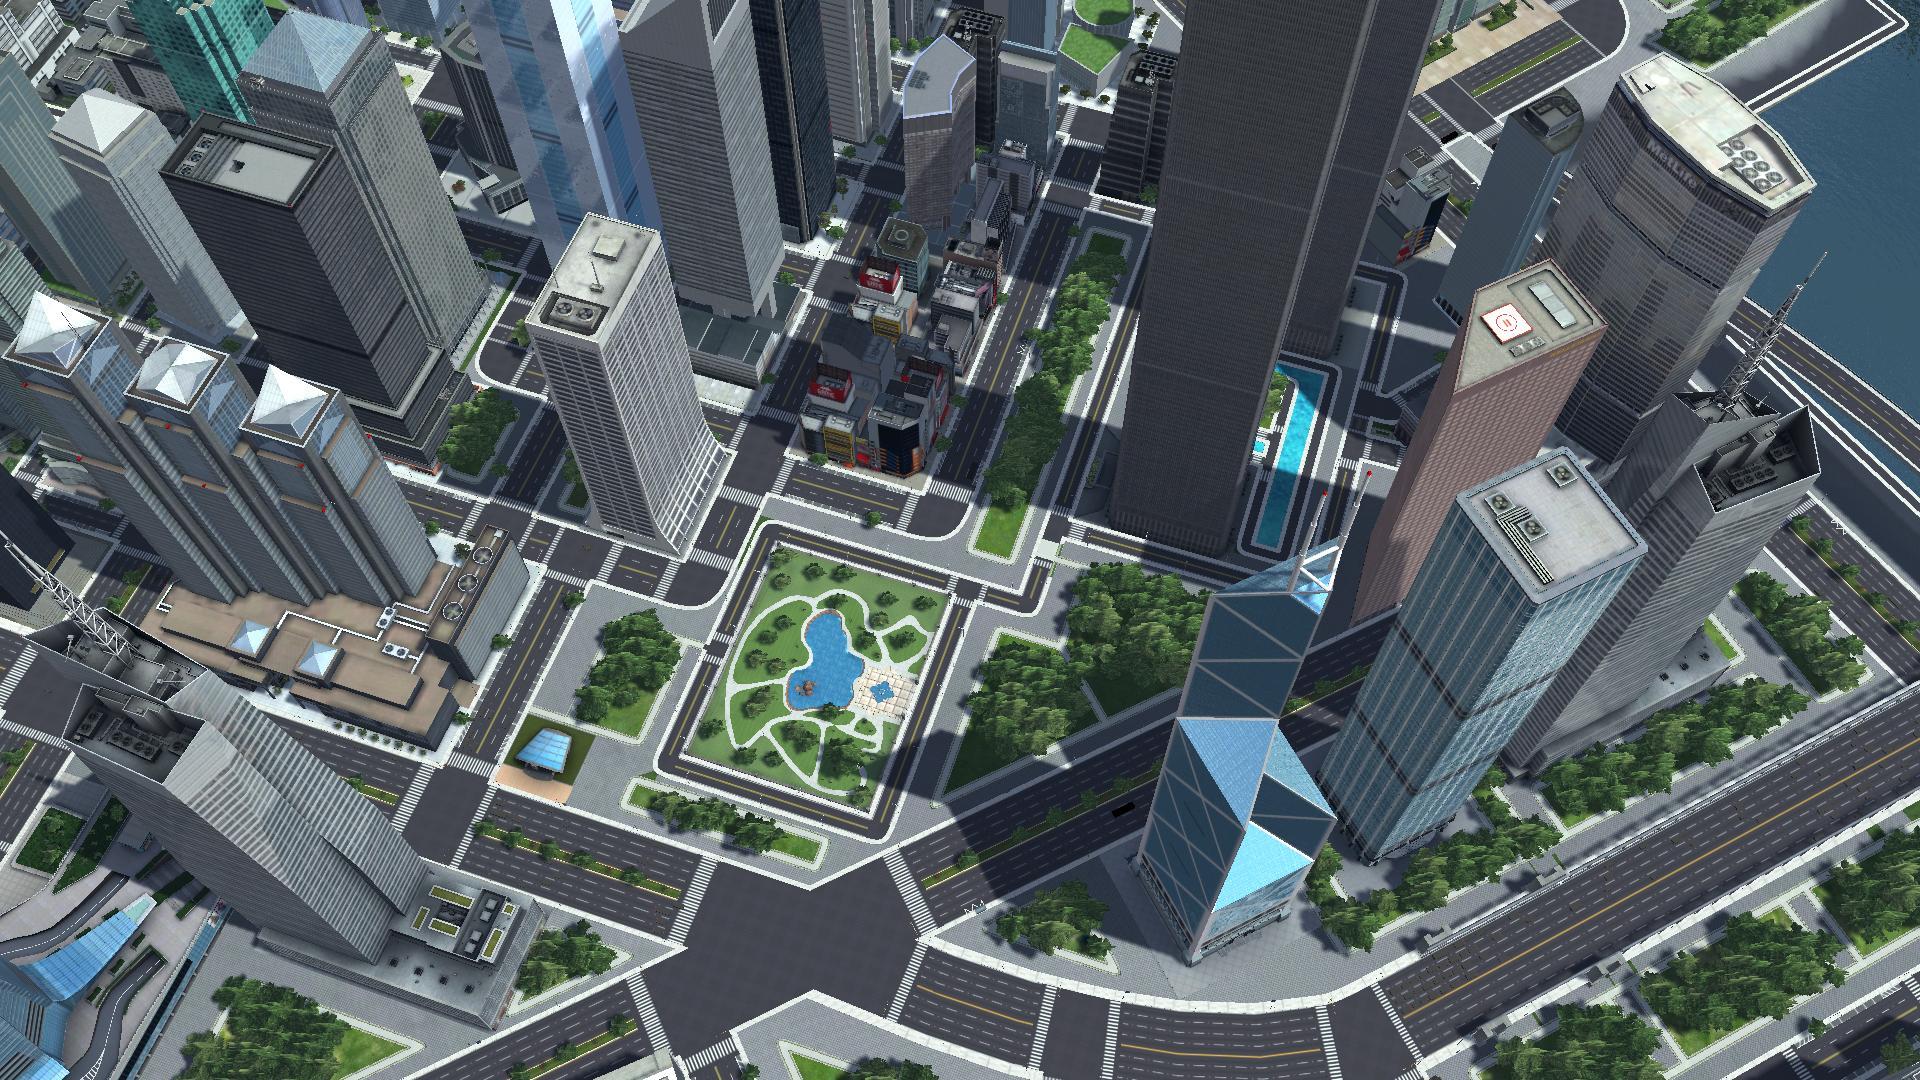 CitiesXL_2012 2014-11-06 16-51-51-37.jpg